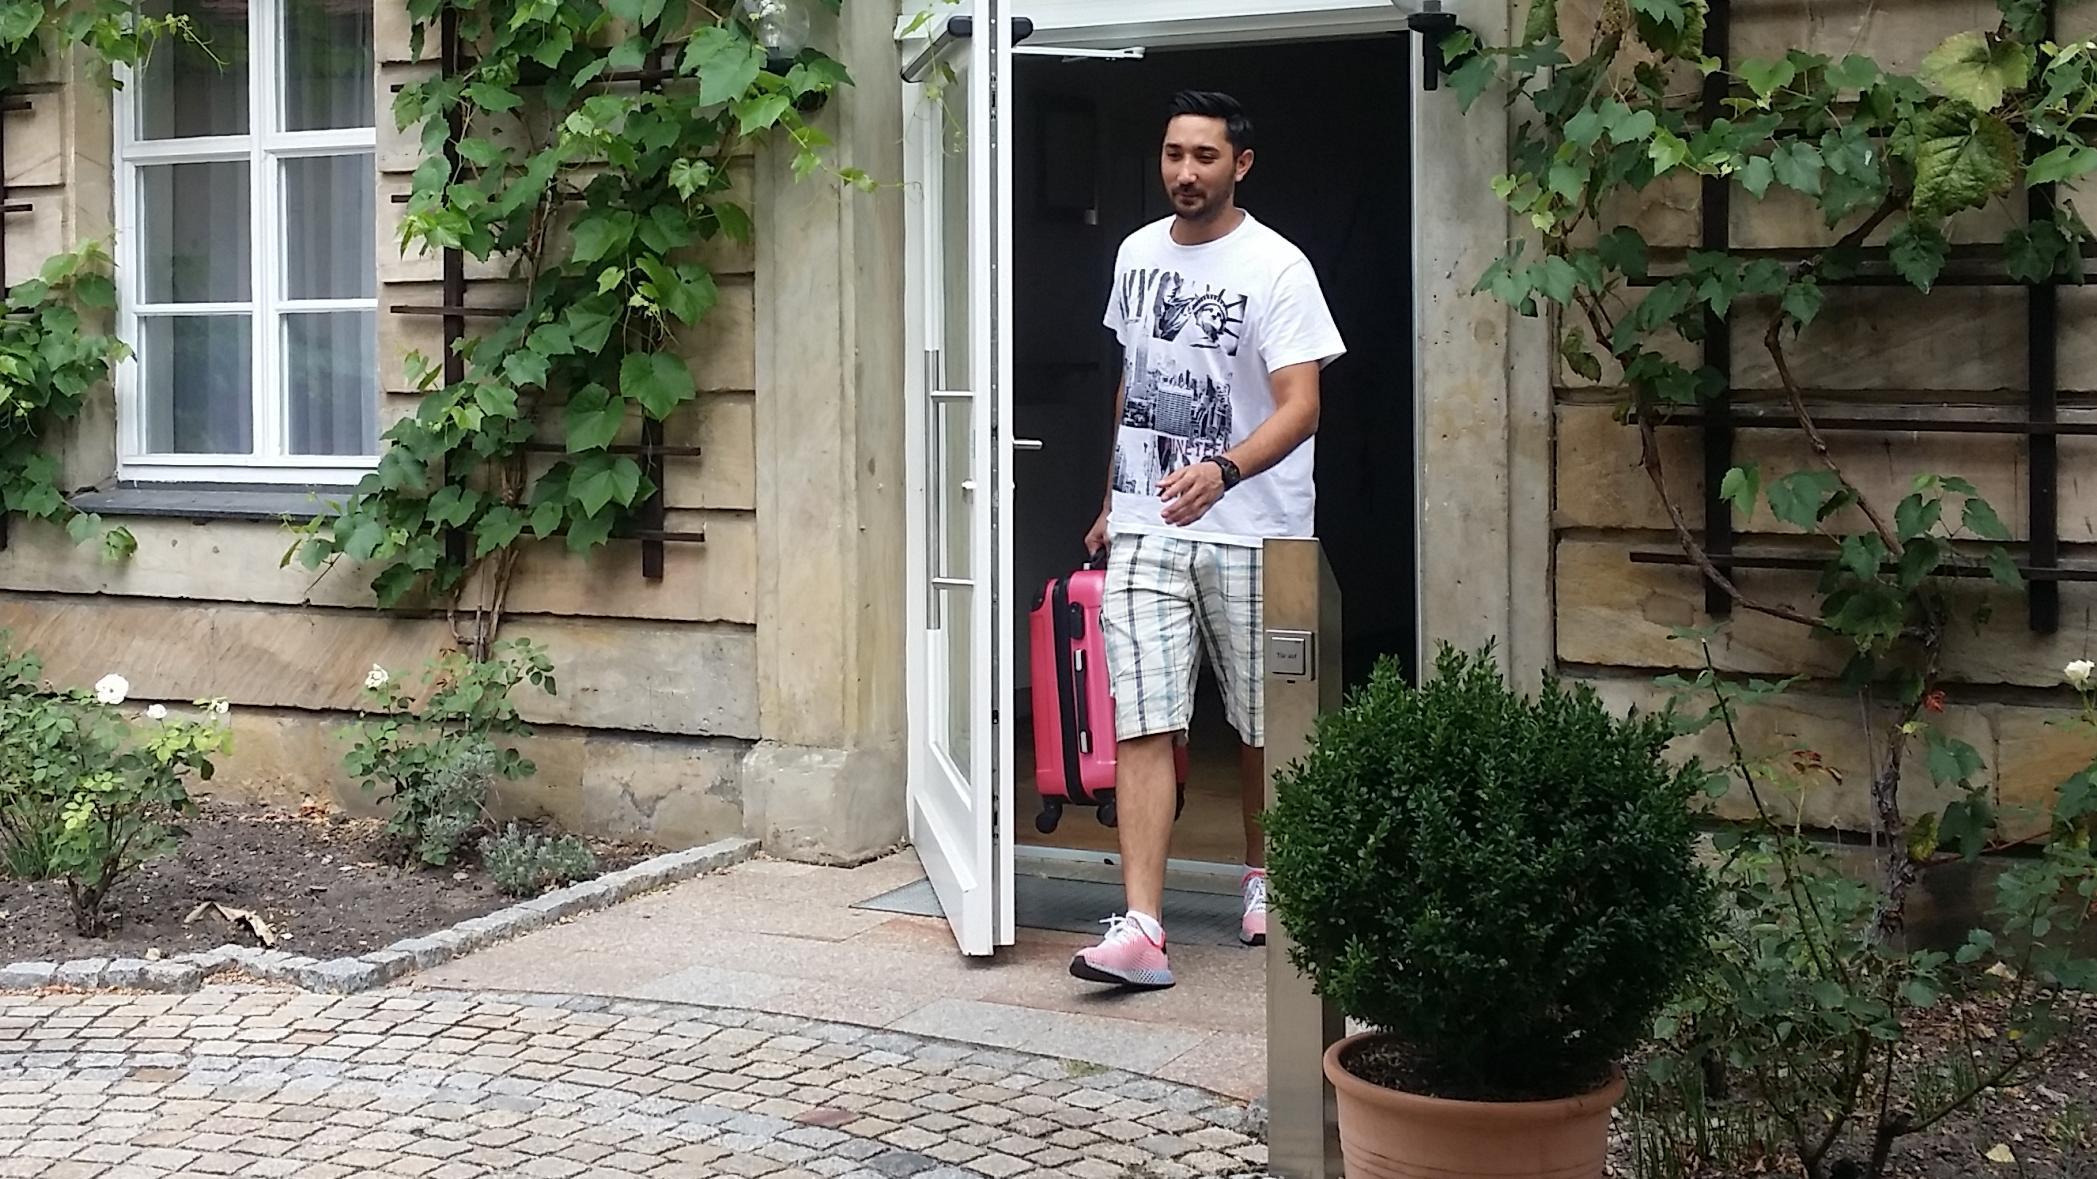 Ein junger Mann in kurzer Hose verlässt mit einem rosa Handkoffer ein Gebäude.